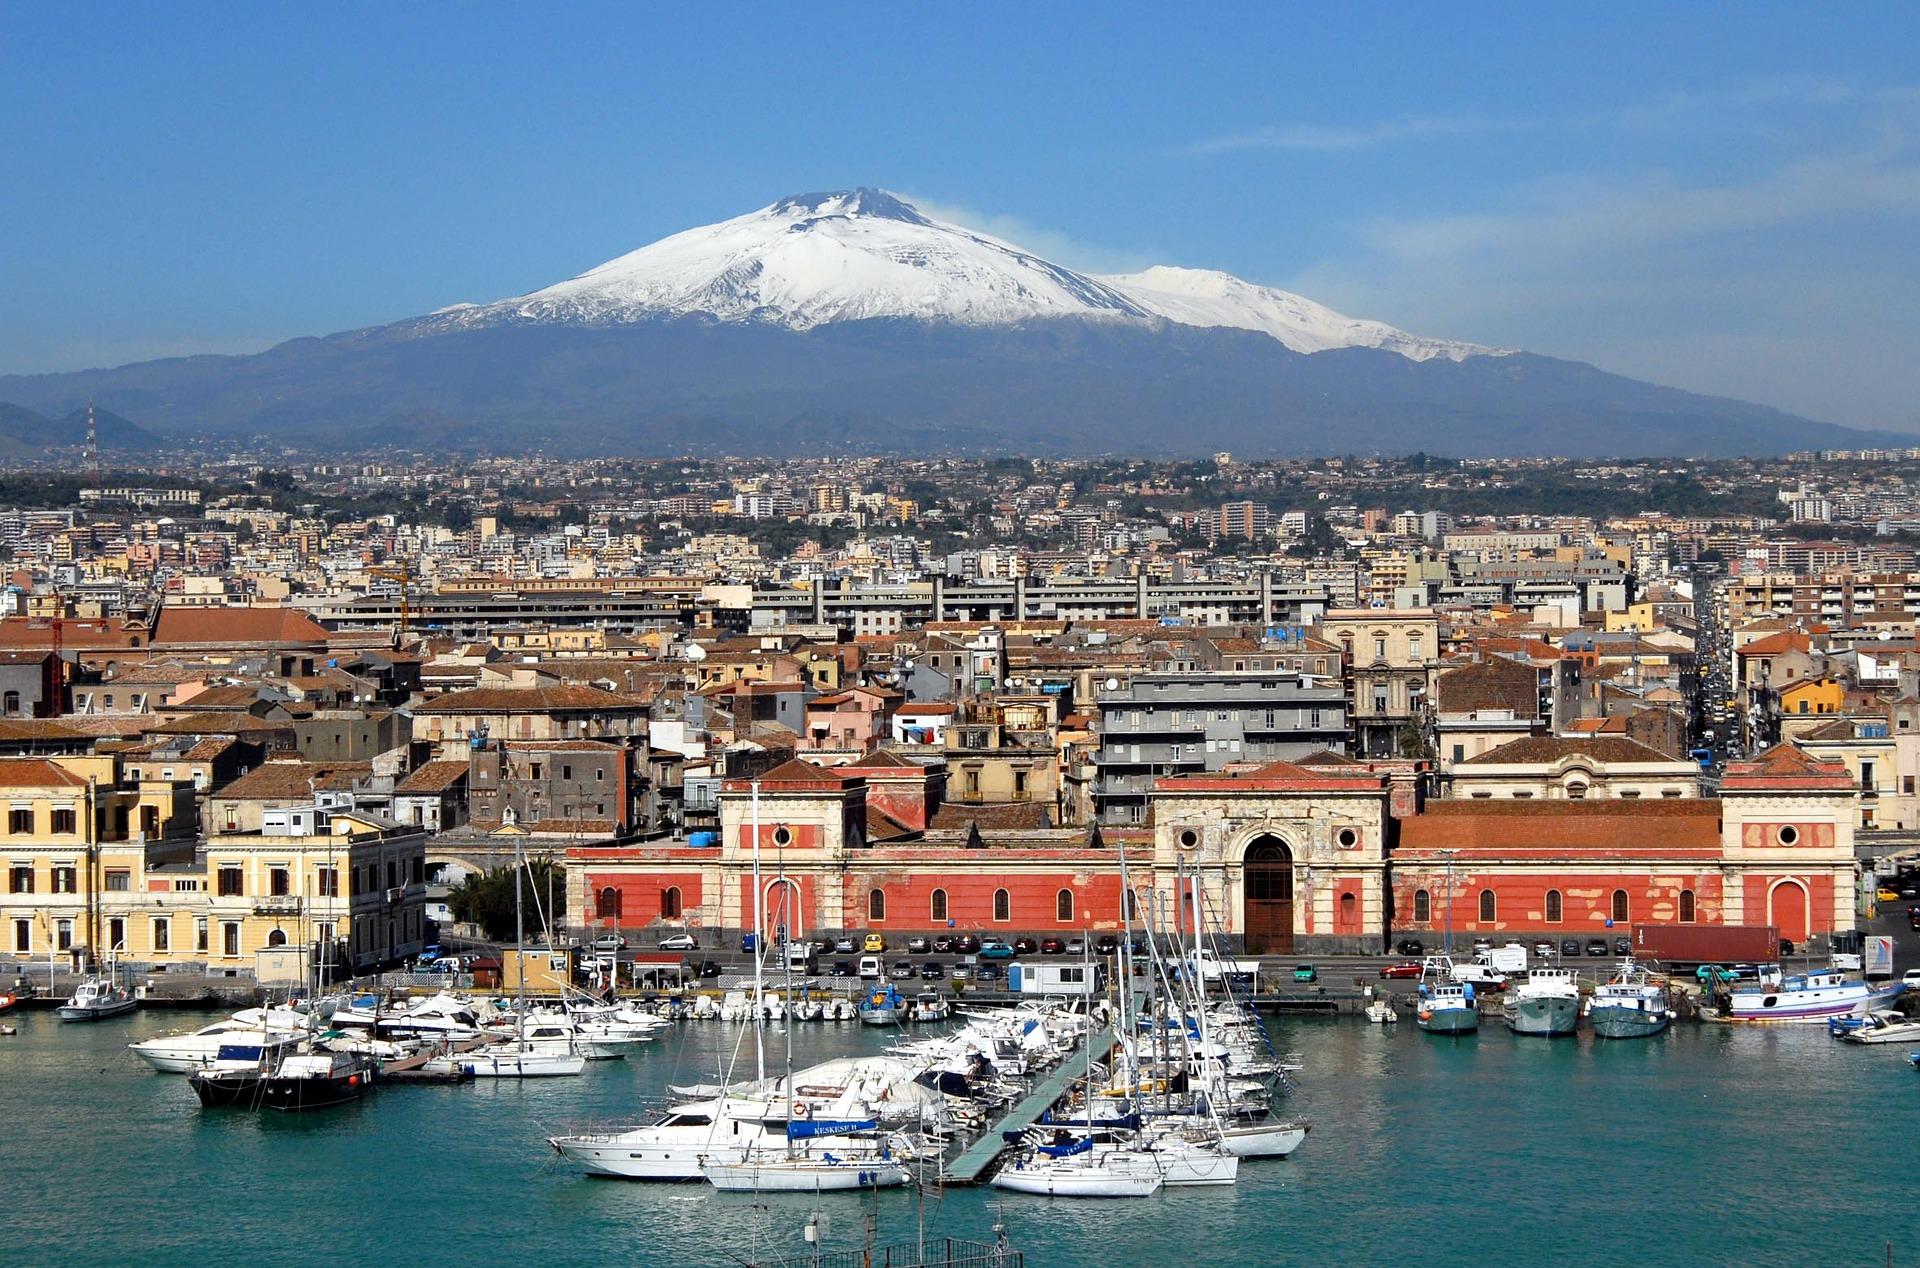 Vistas de Catania con el Etna al fondo desde el puerto